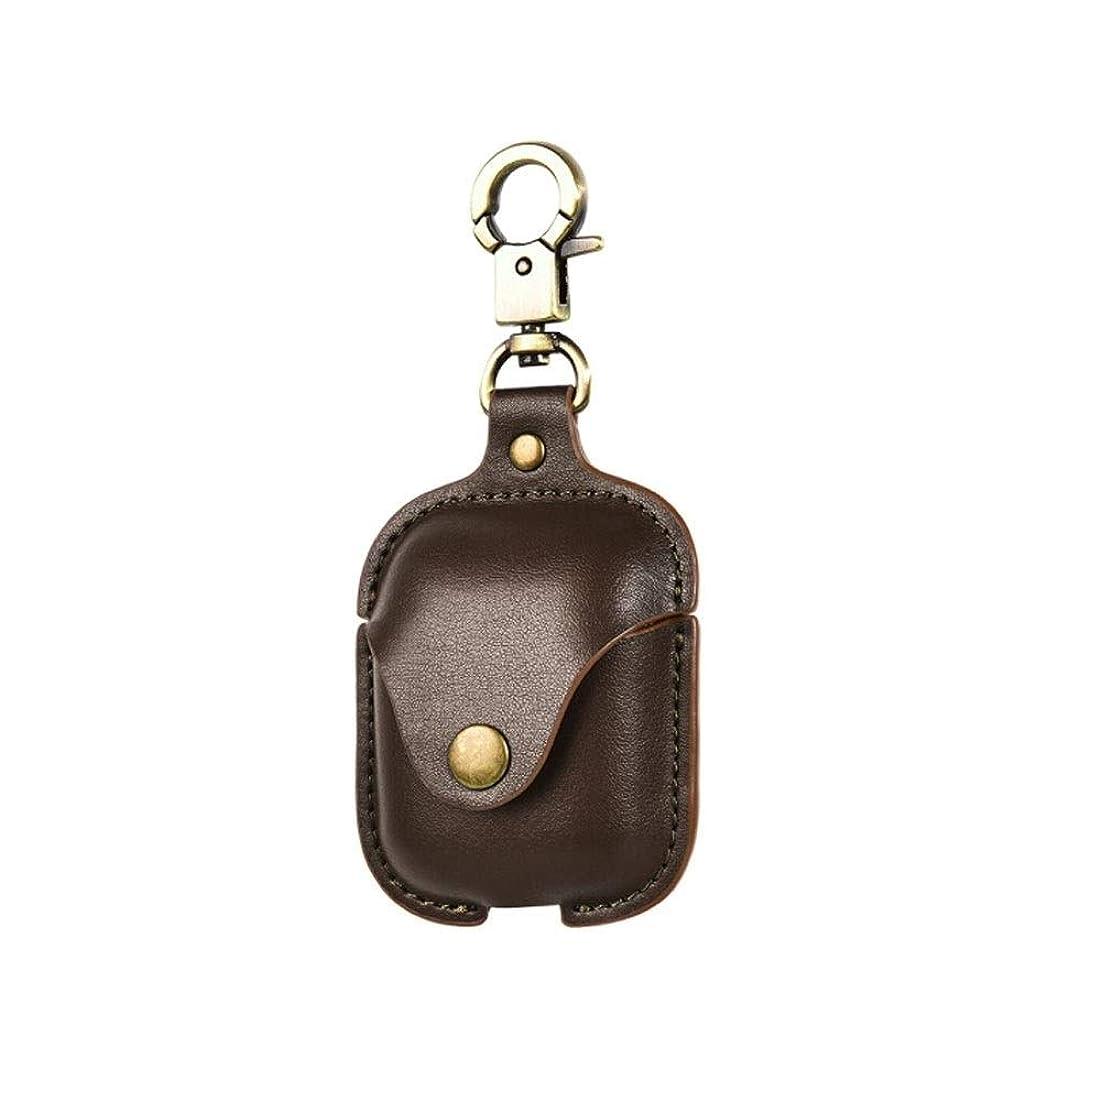 酸度支配する好意的HUICHEN ヘッドフォンカバー、Airpods2ワイヤレスイヤホン、レザー保護カバー、落下防止および紛失防止、ストラップ付き携帯電話Bluetoothヘッドセット収納ボックス、オリジナルレザーケース、スタイリッシュで耐久性 (Color : Brown)